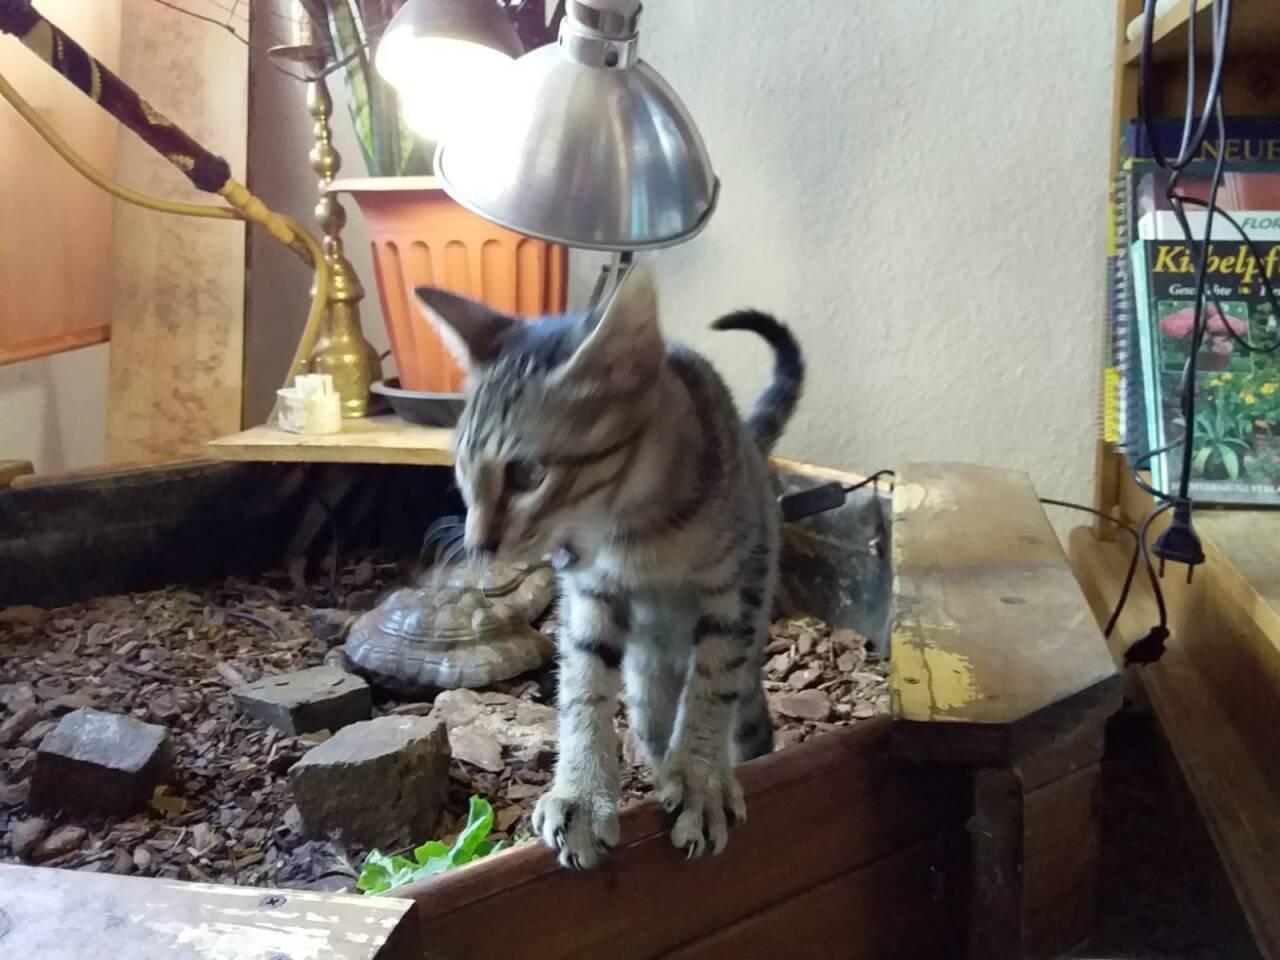 Artos in seinem neuen Zuhause